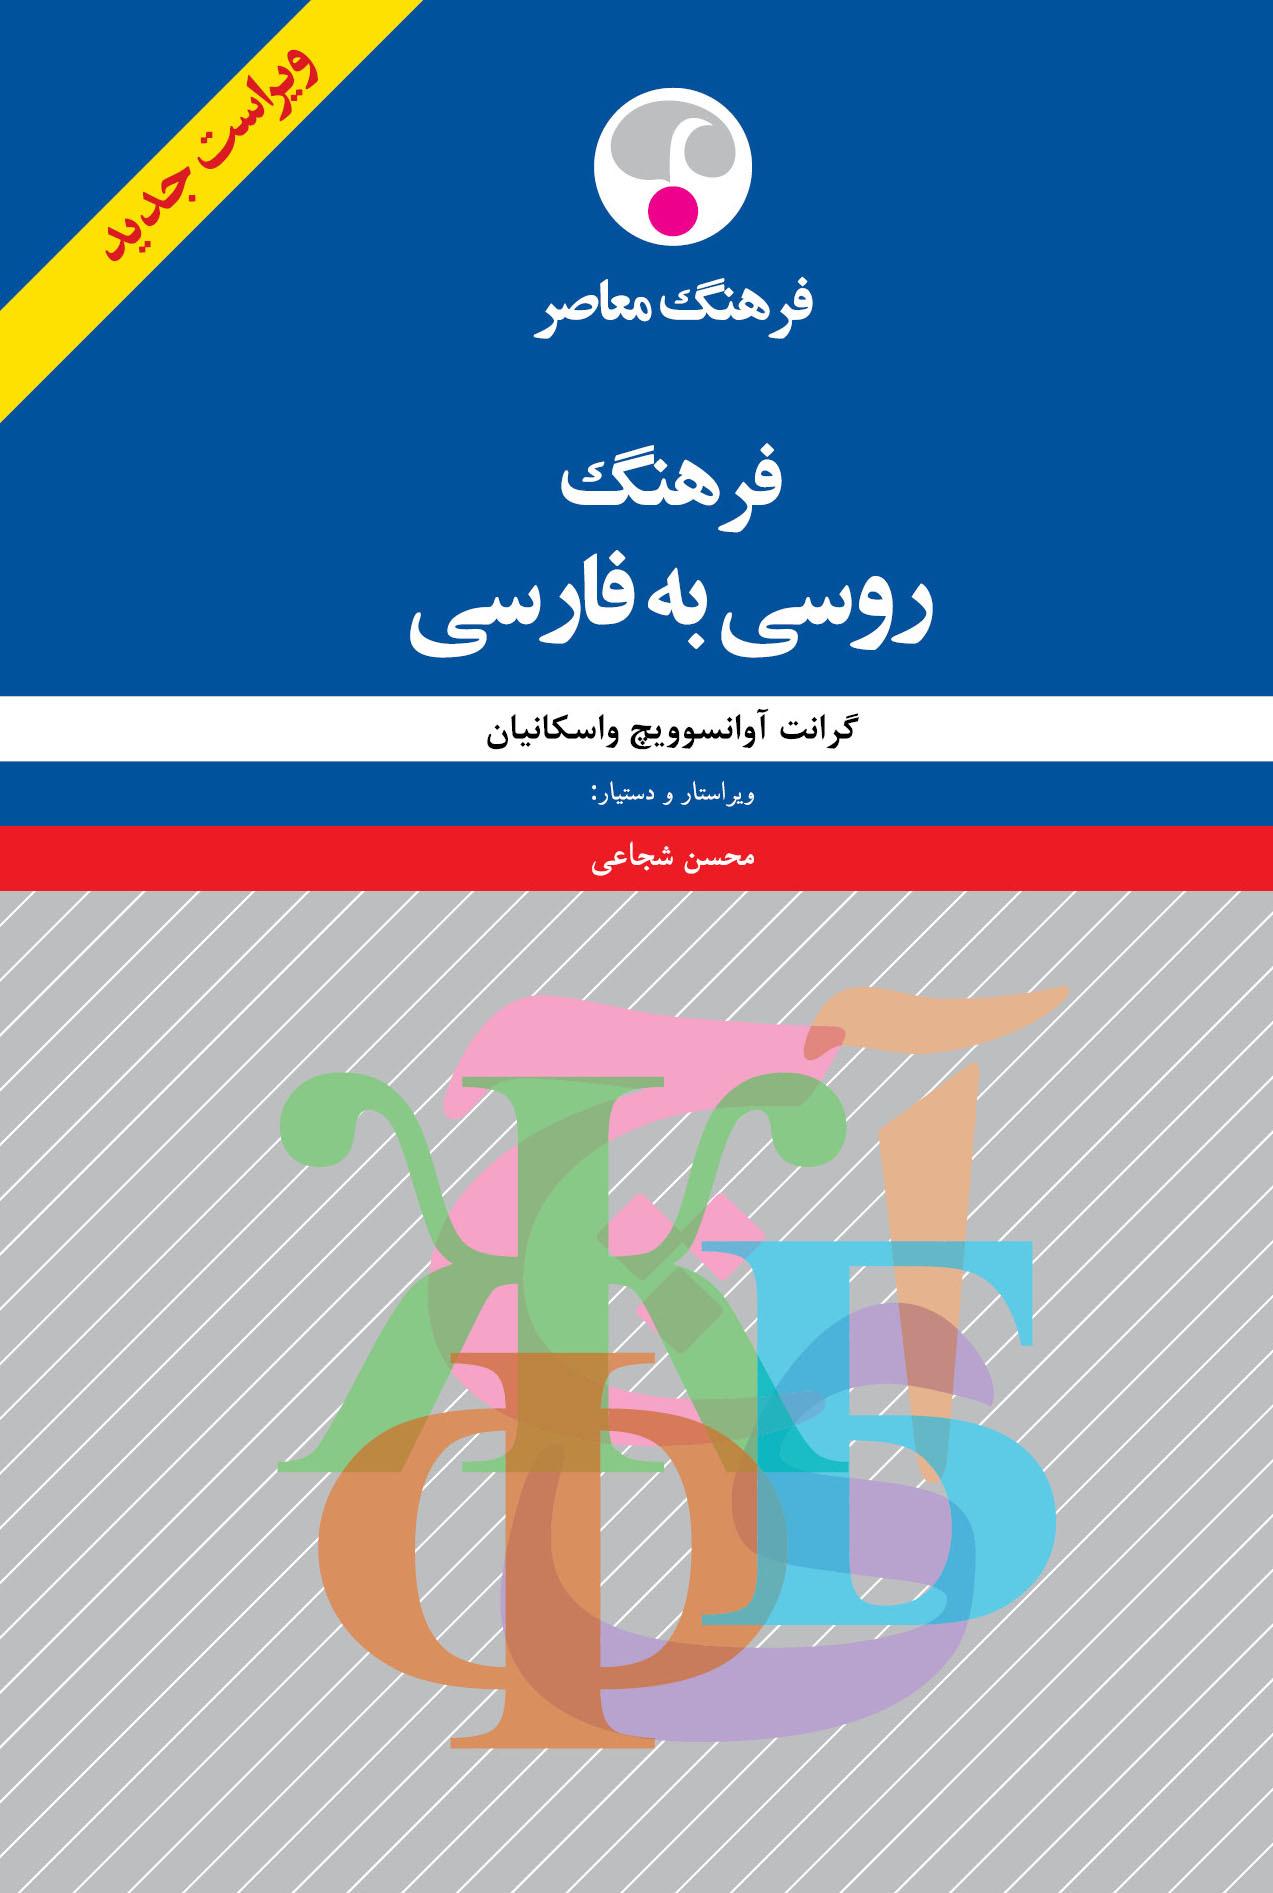 کتاب فرهنگ روسی به فارسی